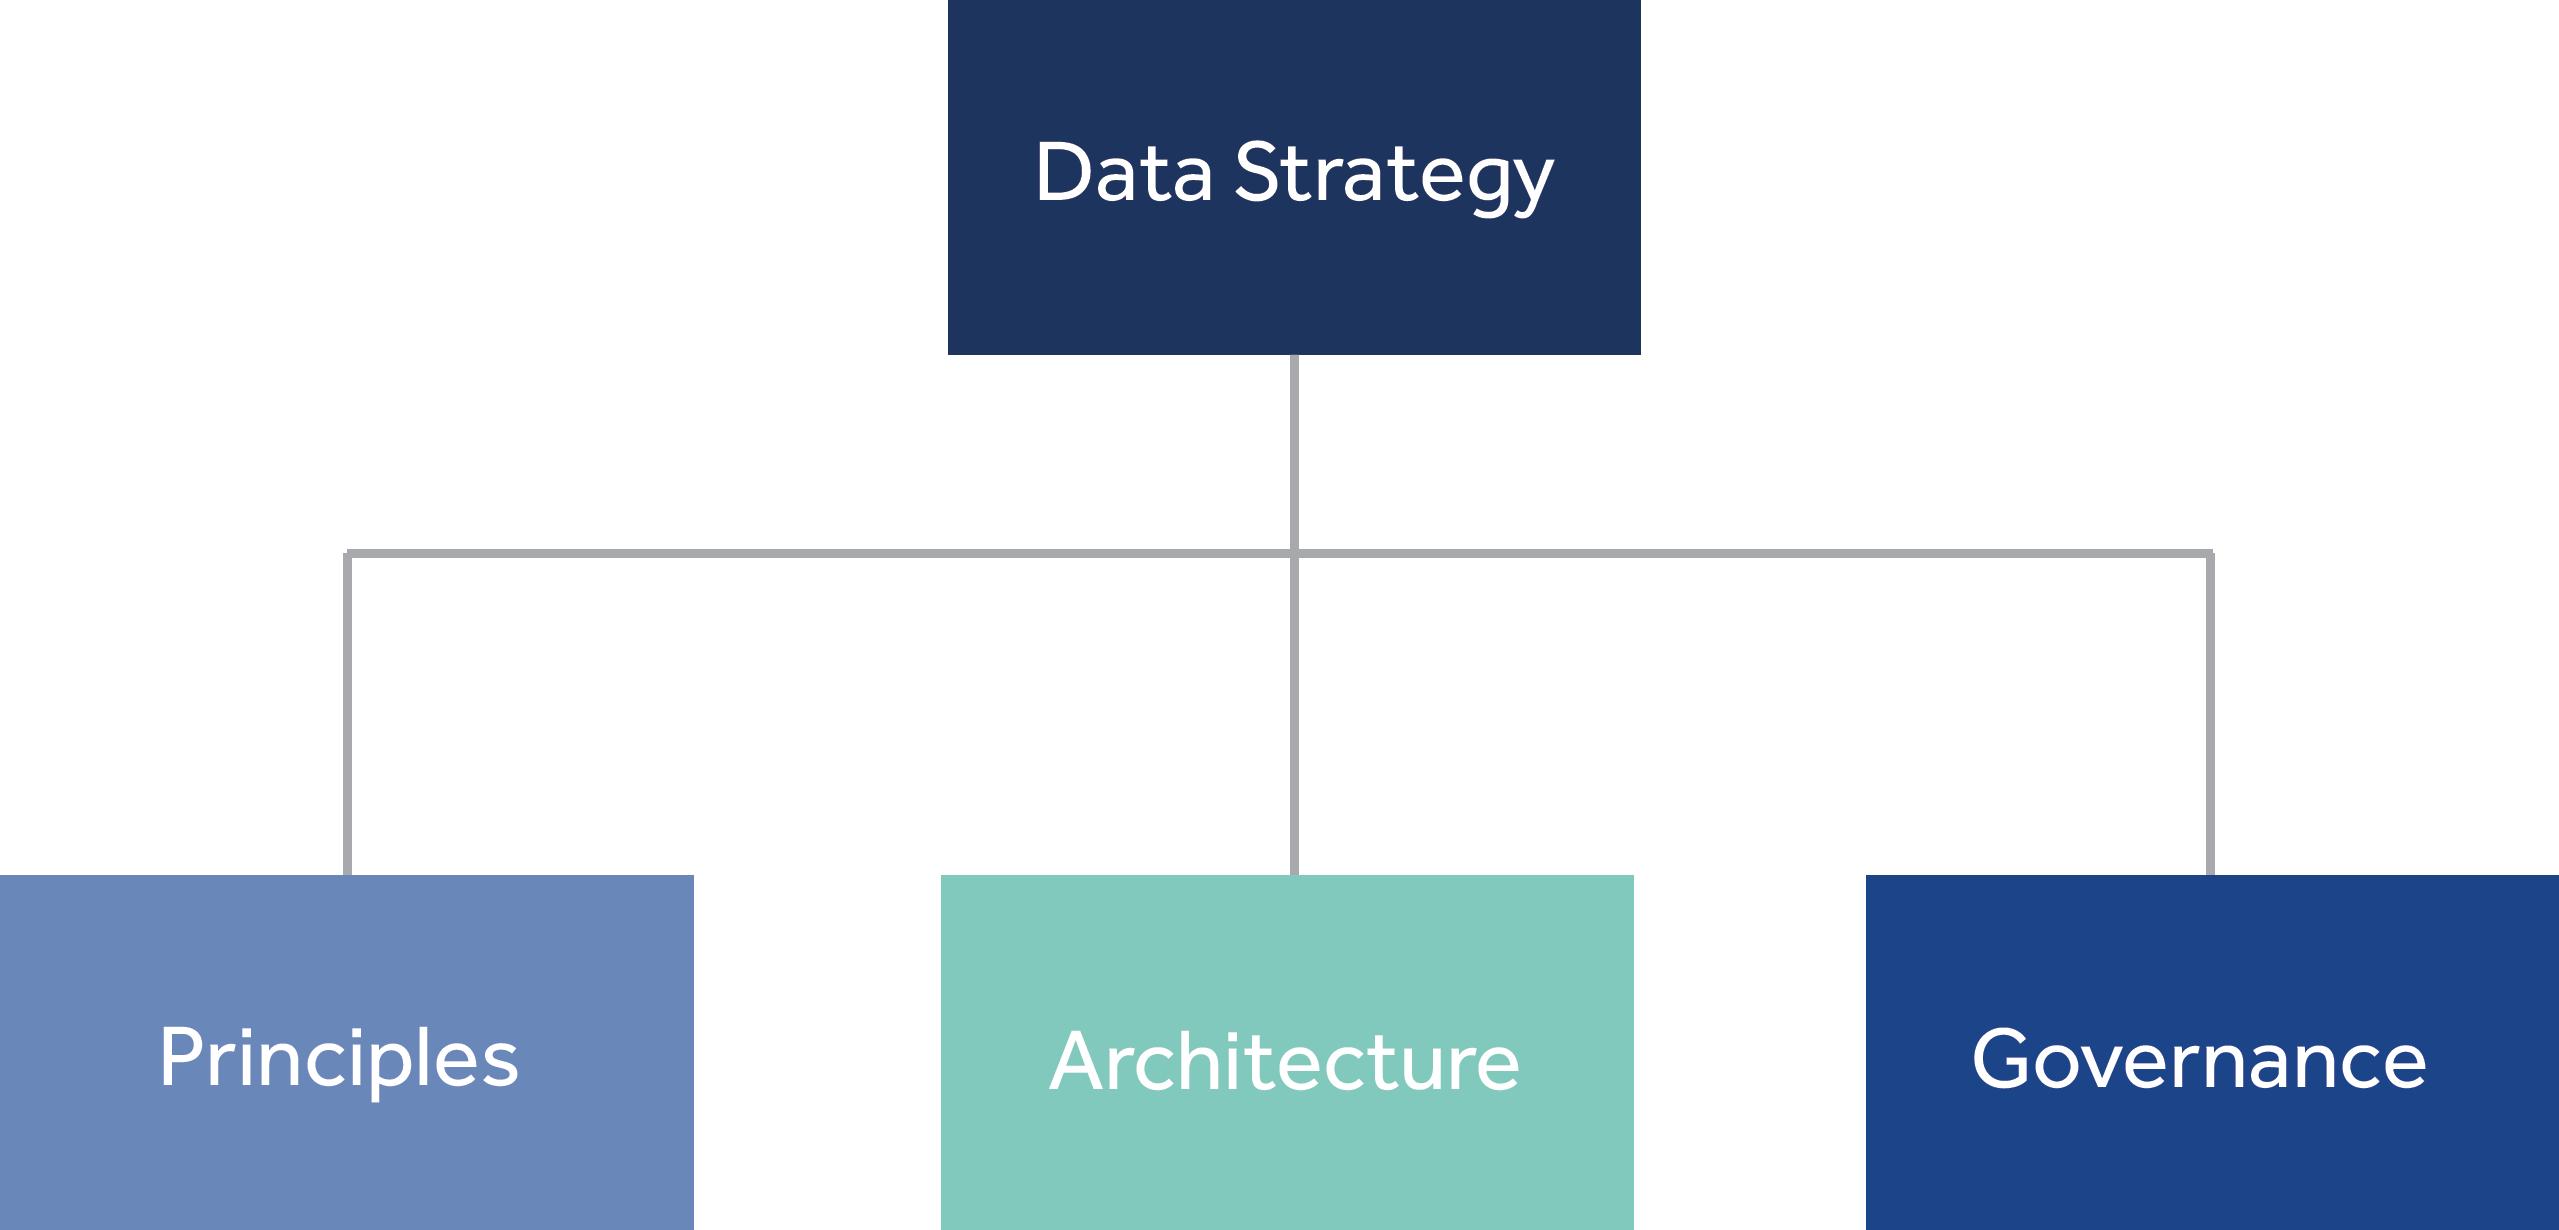 Data capability - Data strategy